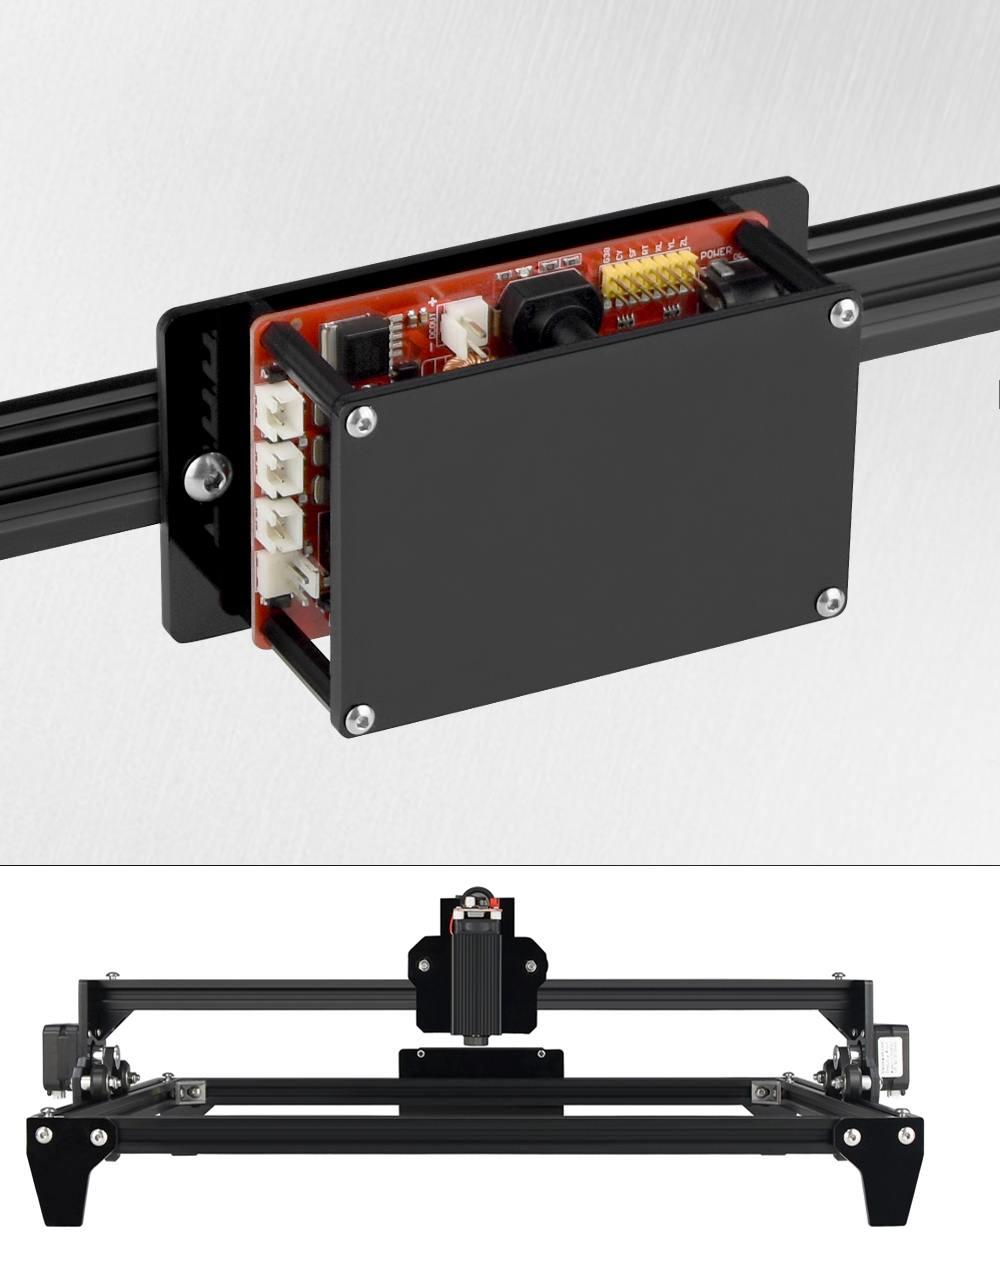 1pc C30 2500mW 450x400mm Große Gravur Bereich Schwarz Laser Gravur Maschine CNC Laser Holz Router drucker Cutter